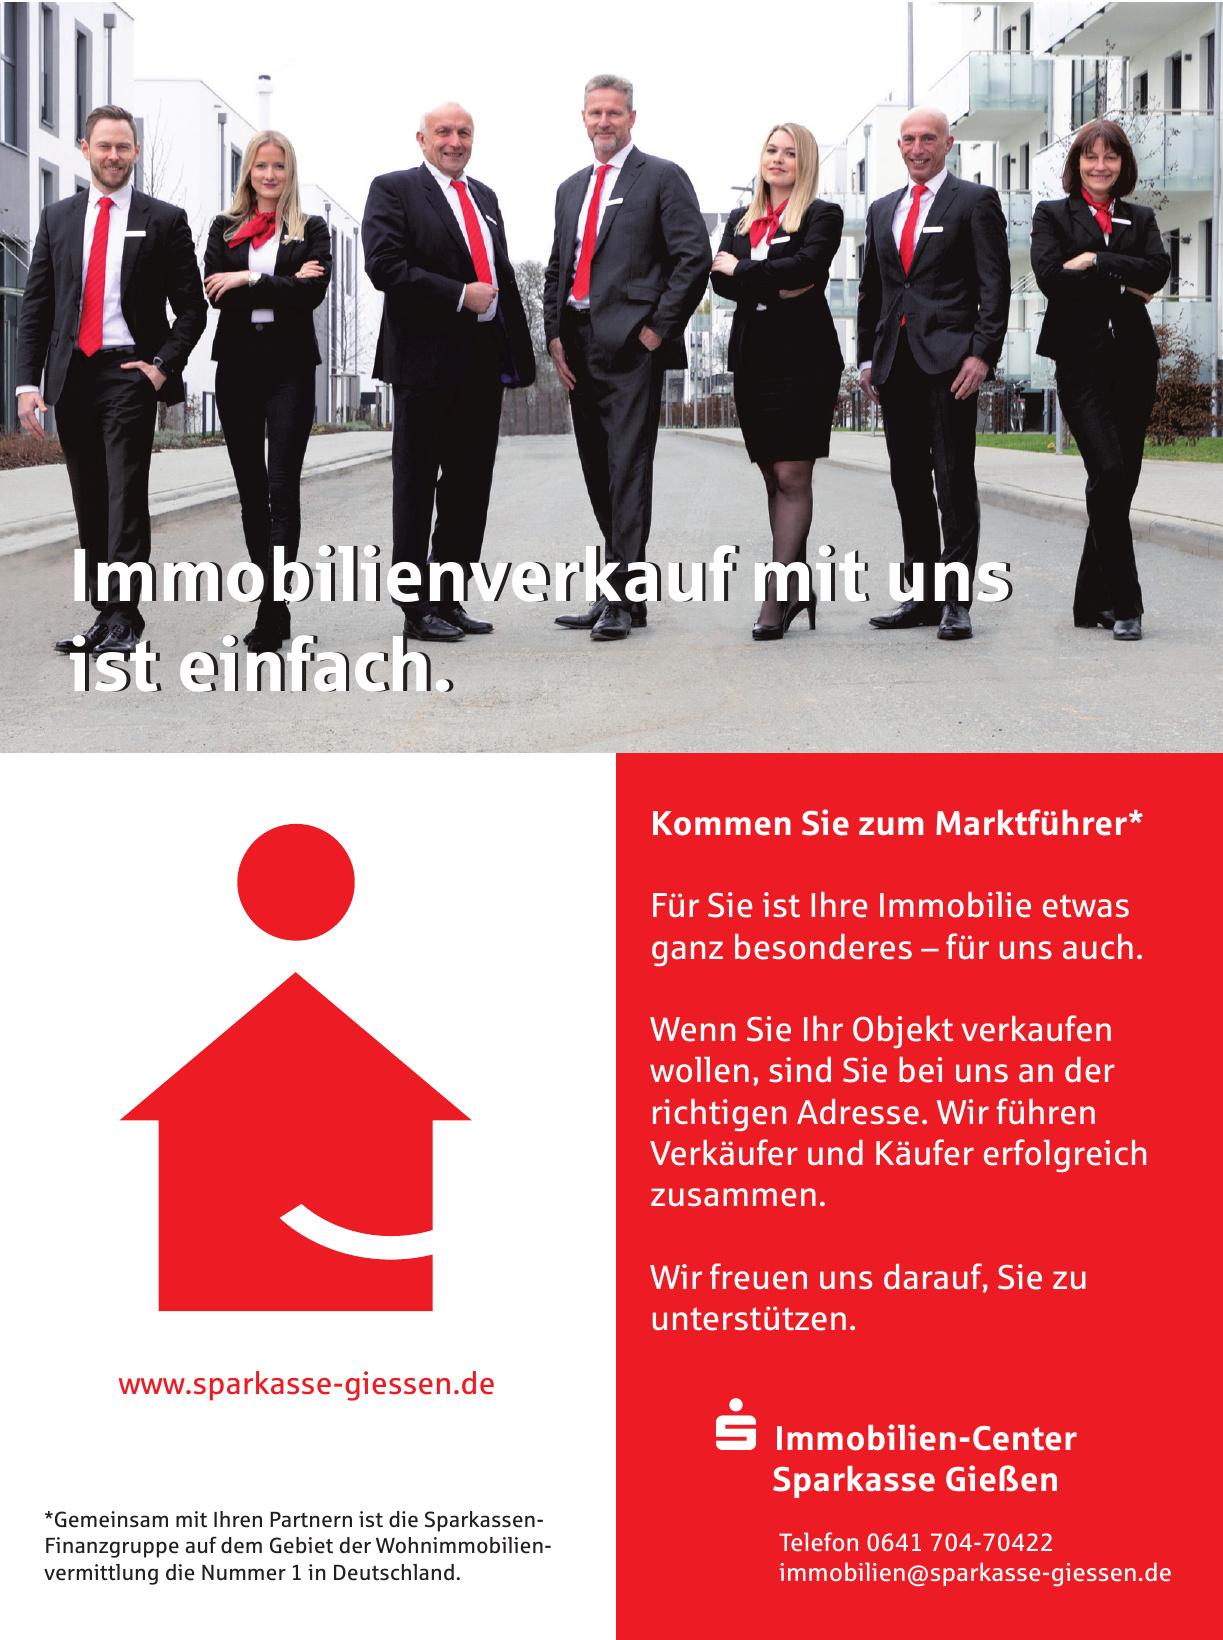 Immobilien-Center Sparkasse Gießen